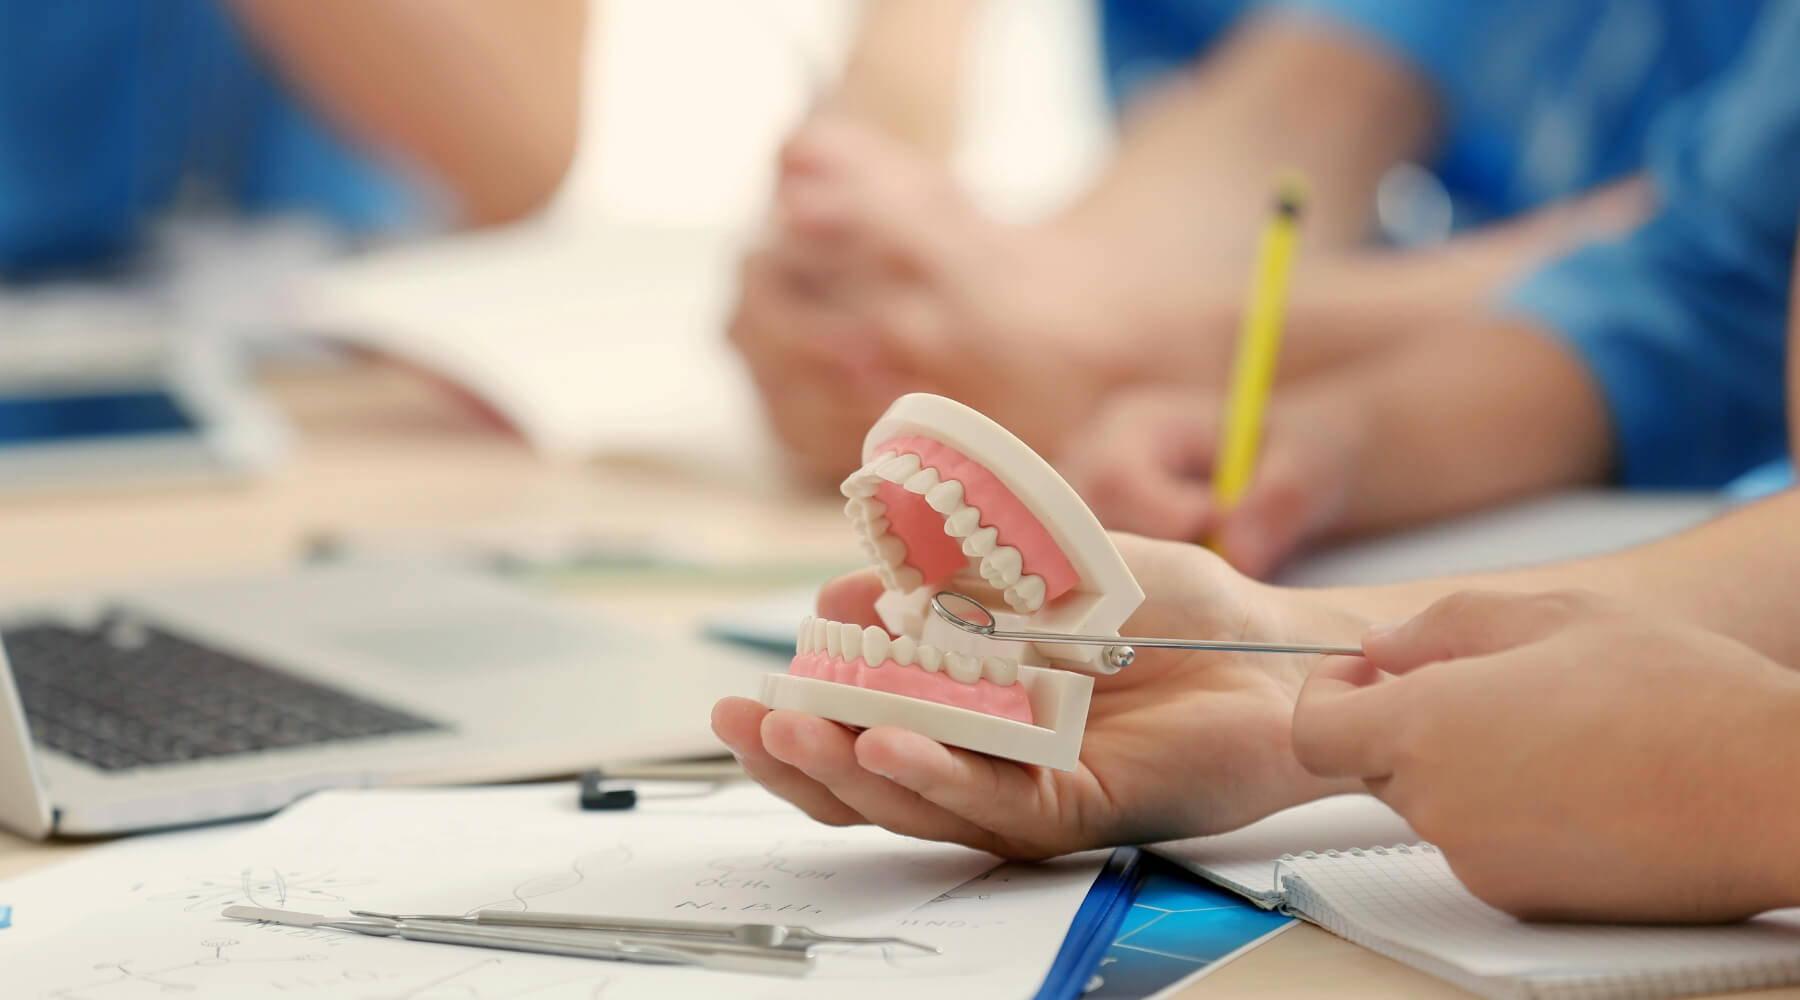 medical-dental-workshops-for-students-uk